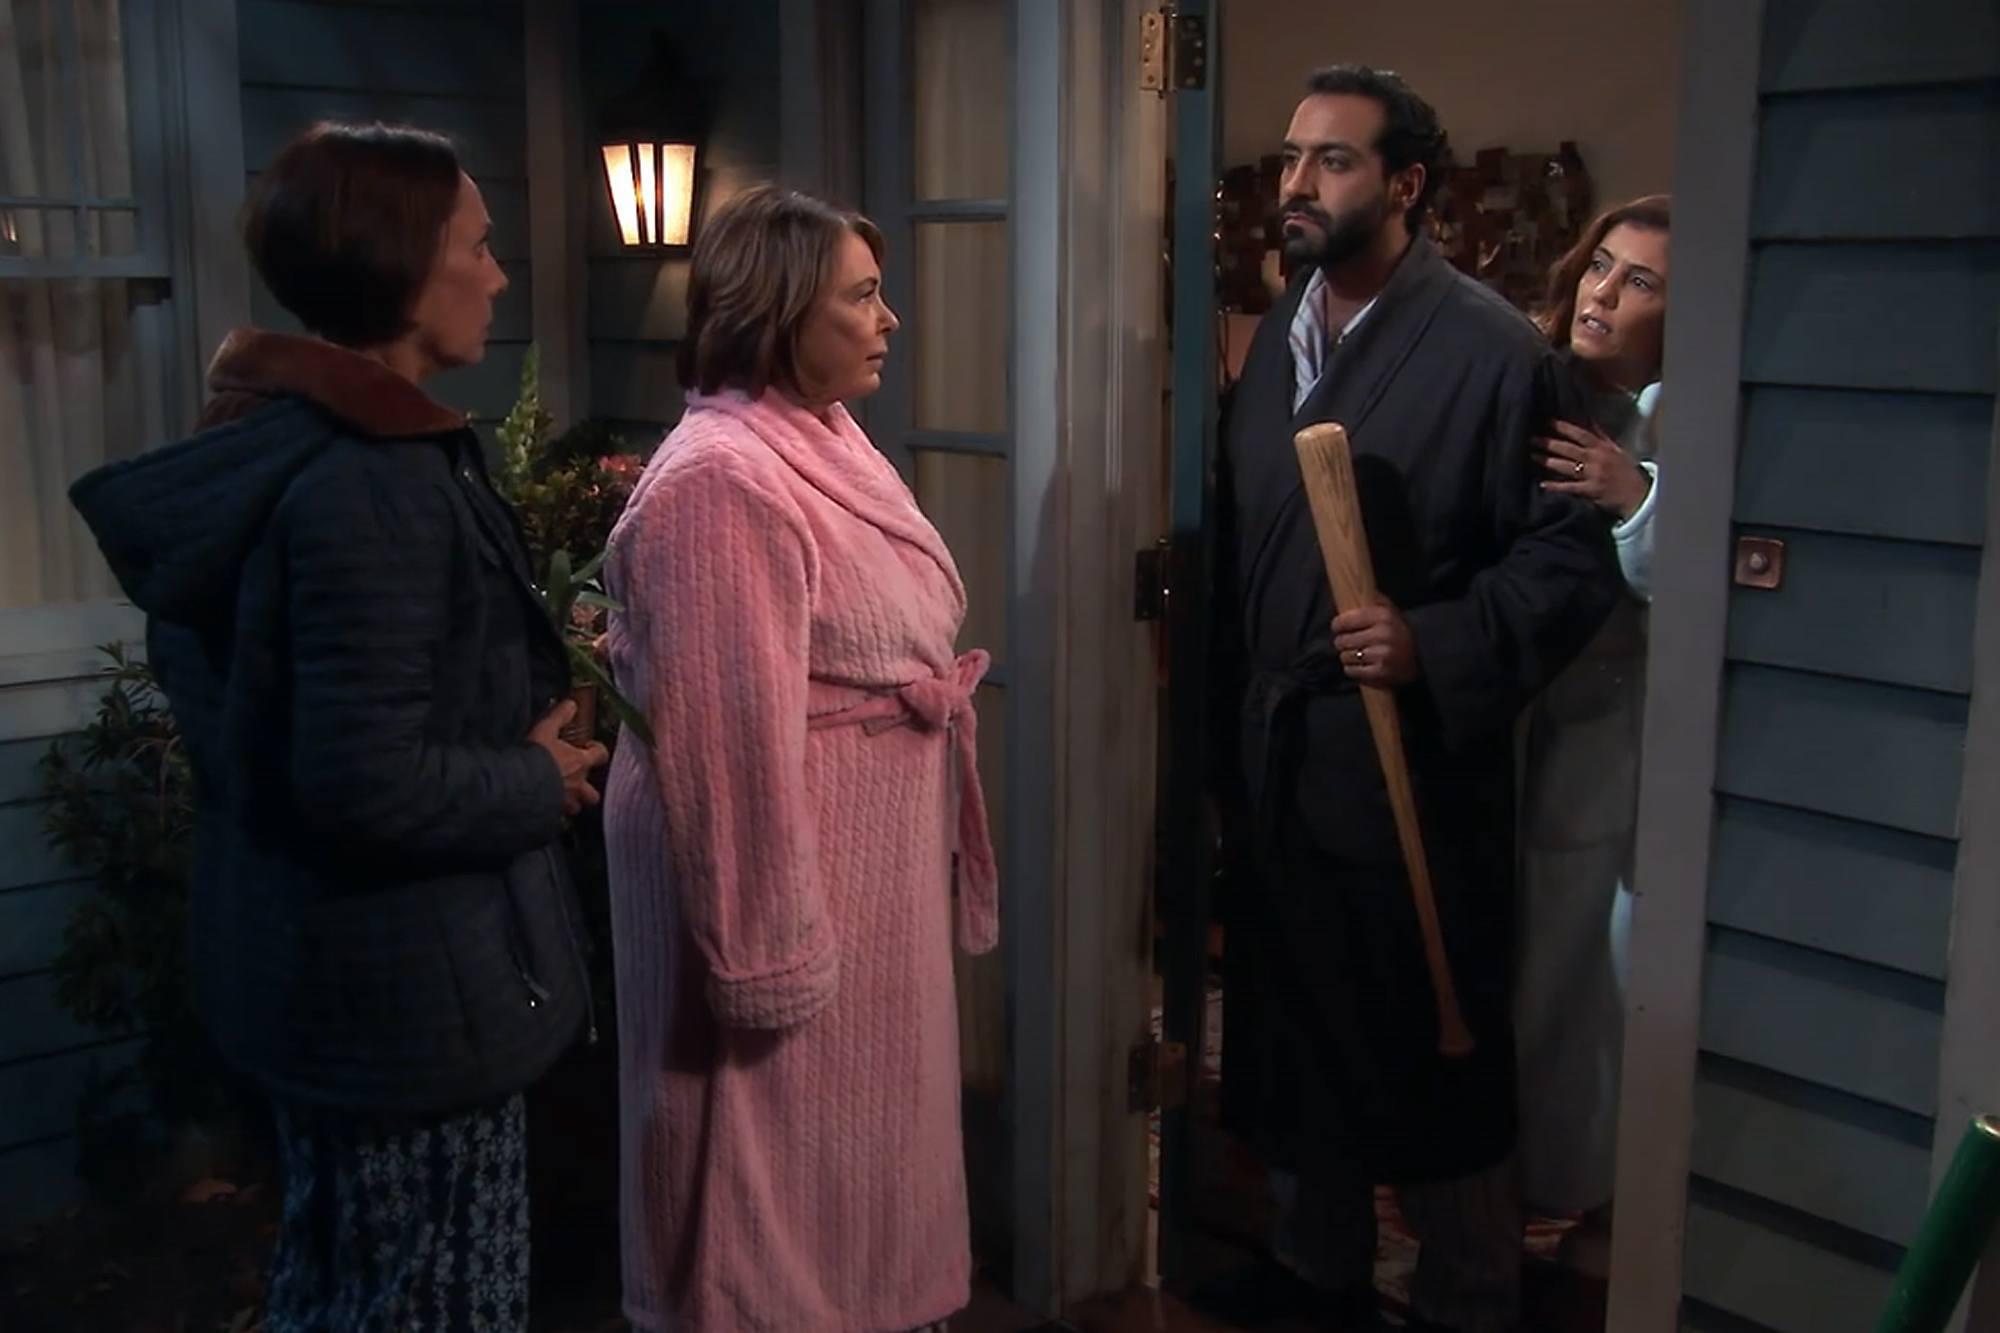 Roseanne talking to her Muslim neighbors